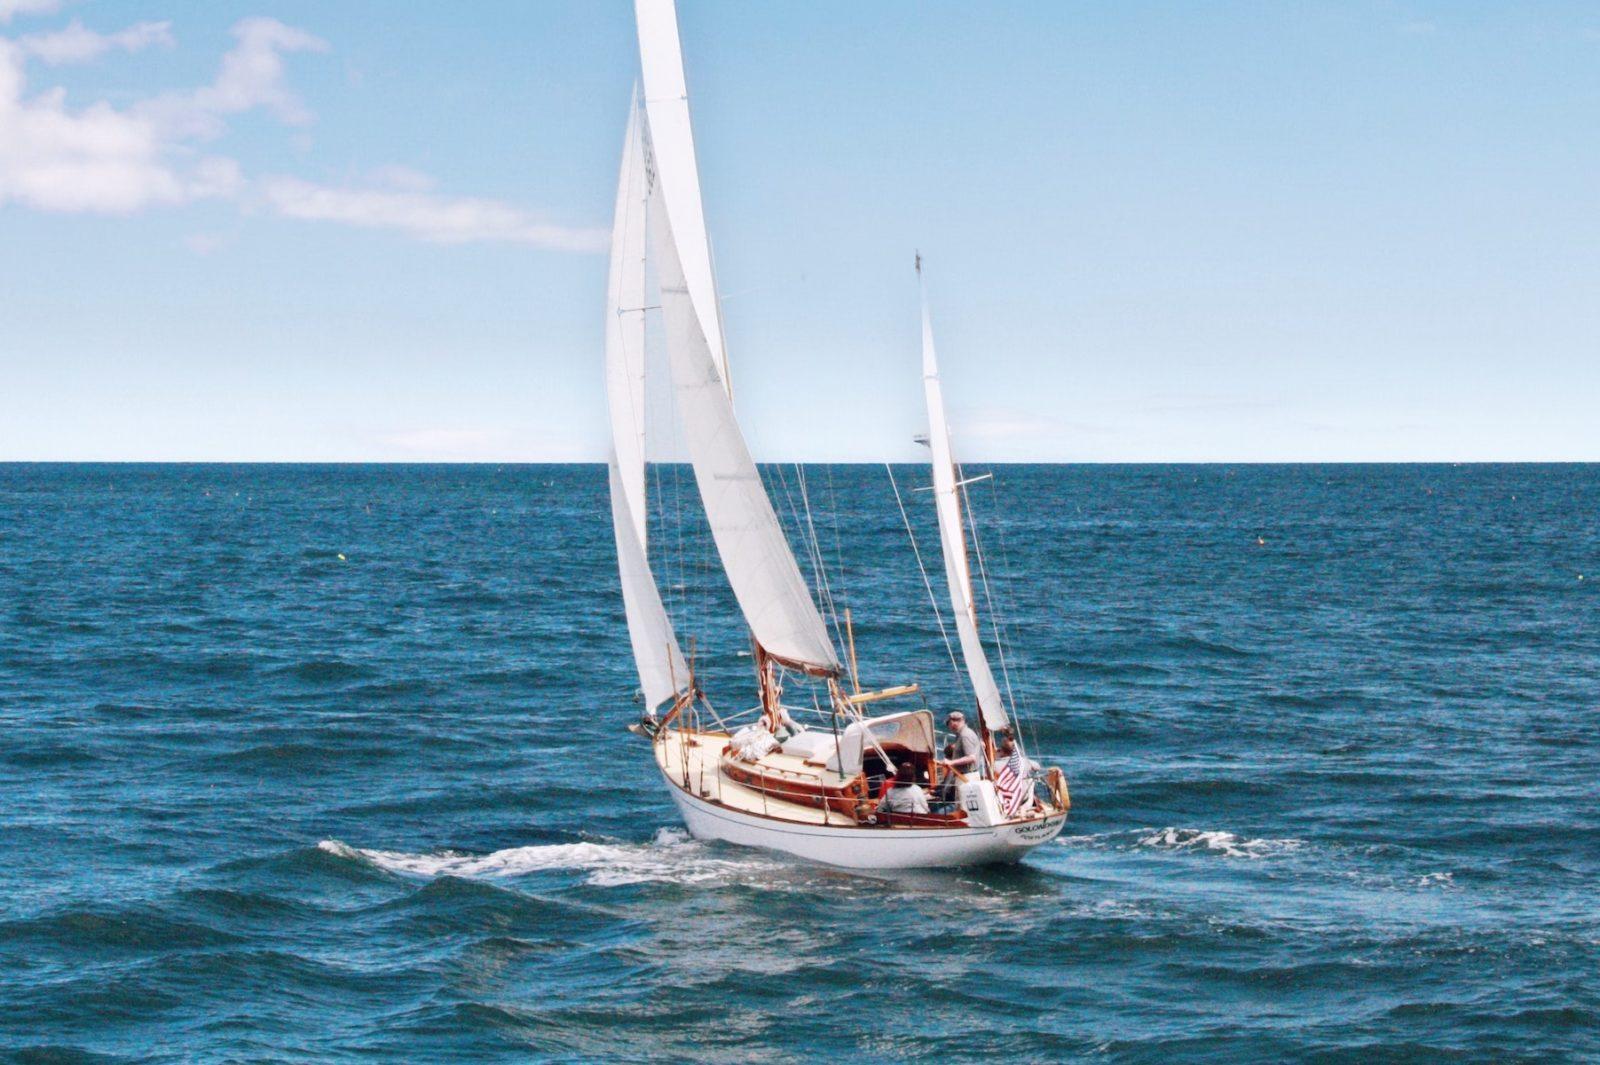 Viden om sejlads: Lær at sejle - regler og vejledning